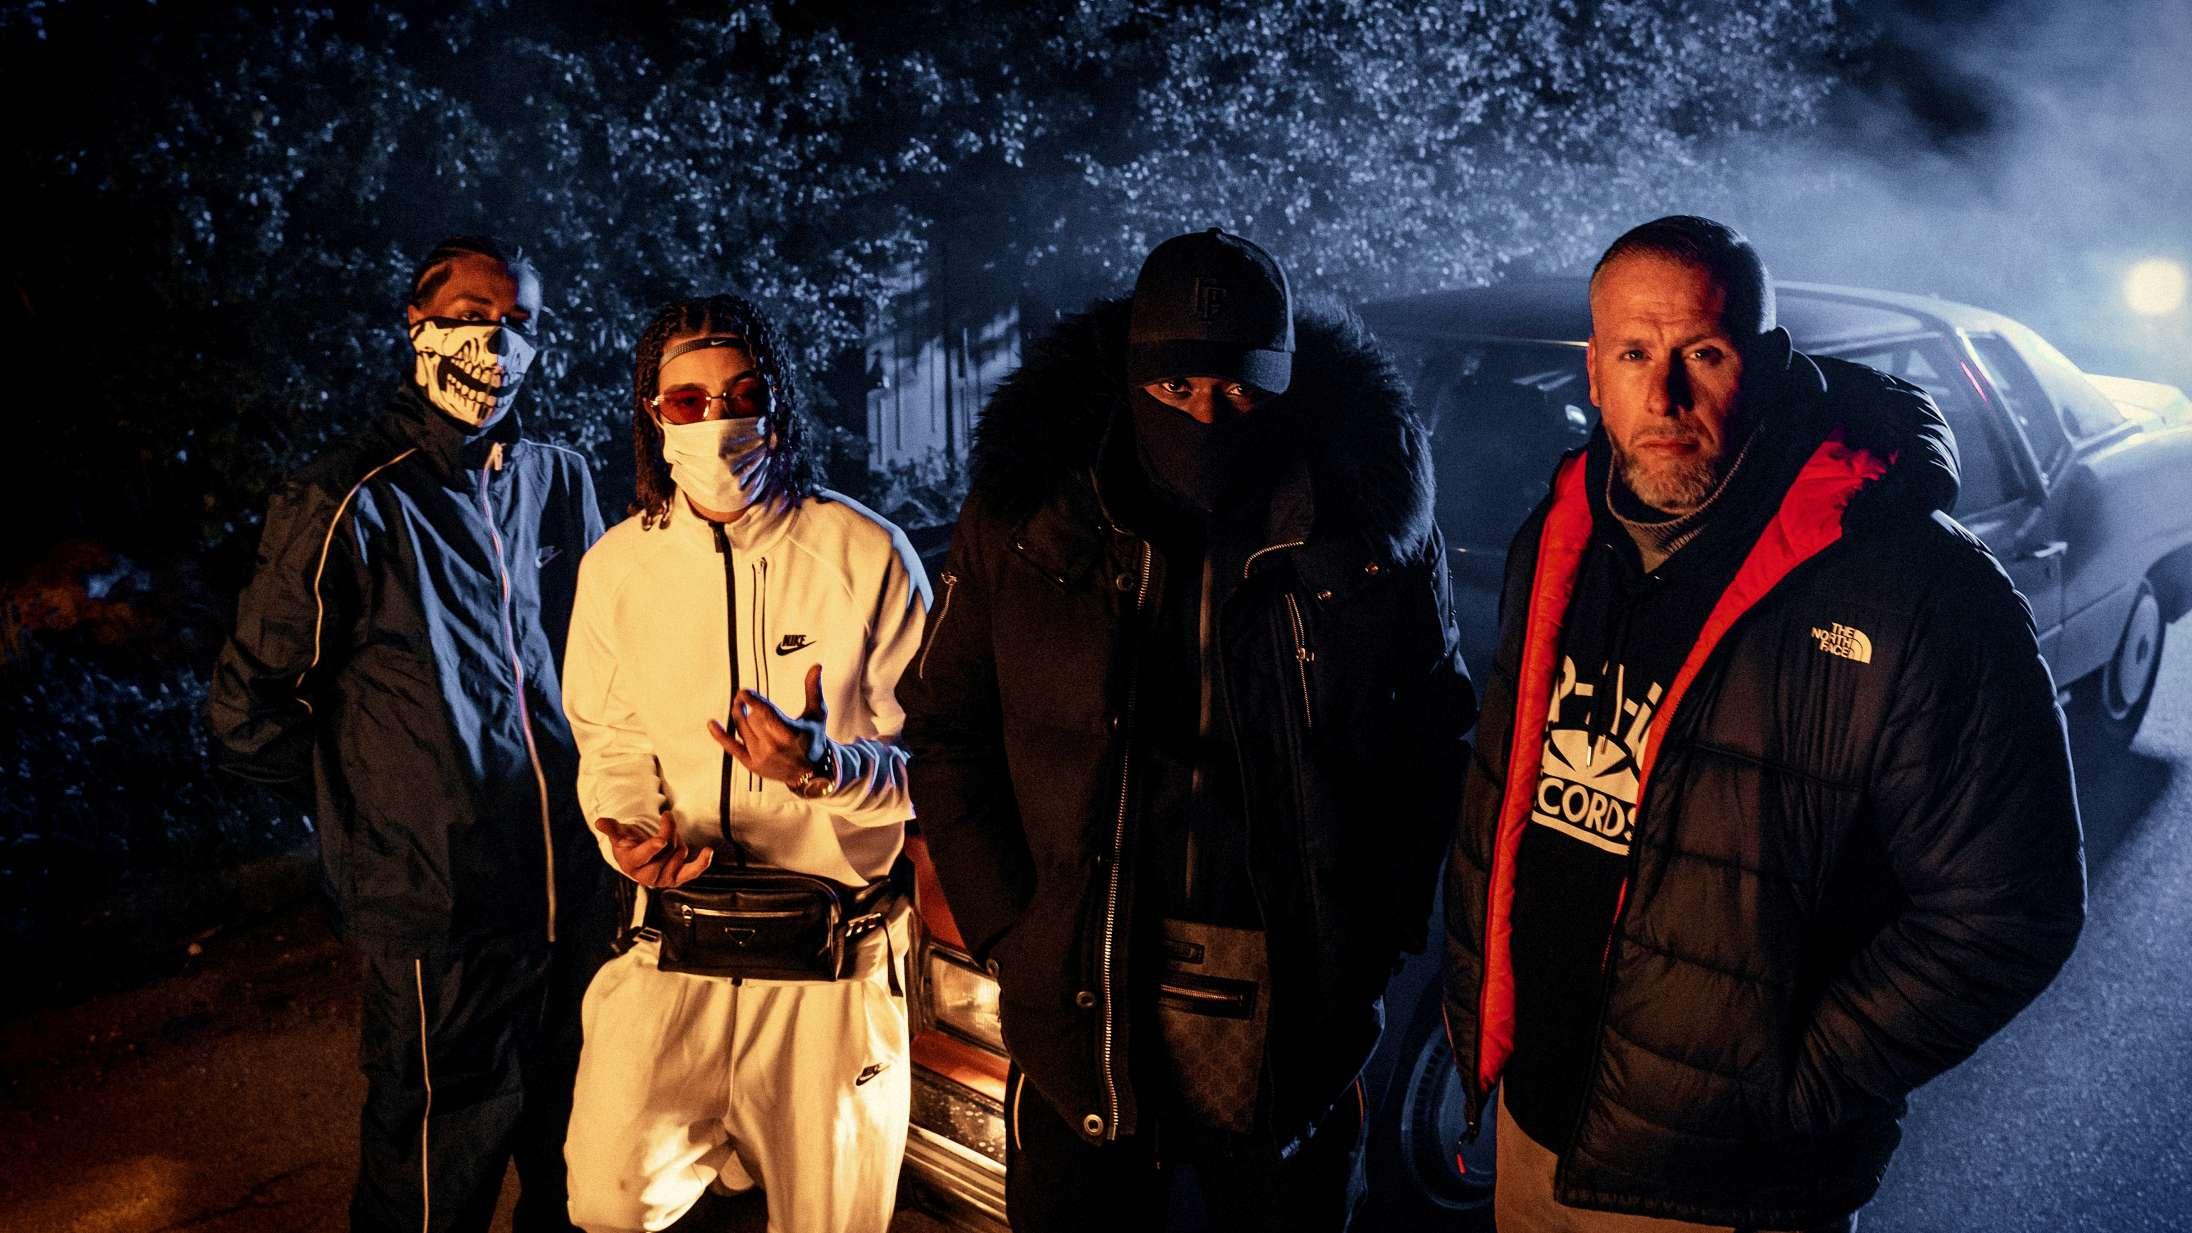 L.O.C. udgiver tre nye sange – og samarbejder med Aarhus' mest kontroversielle rapgruppe